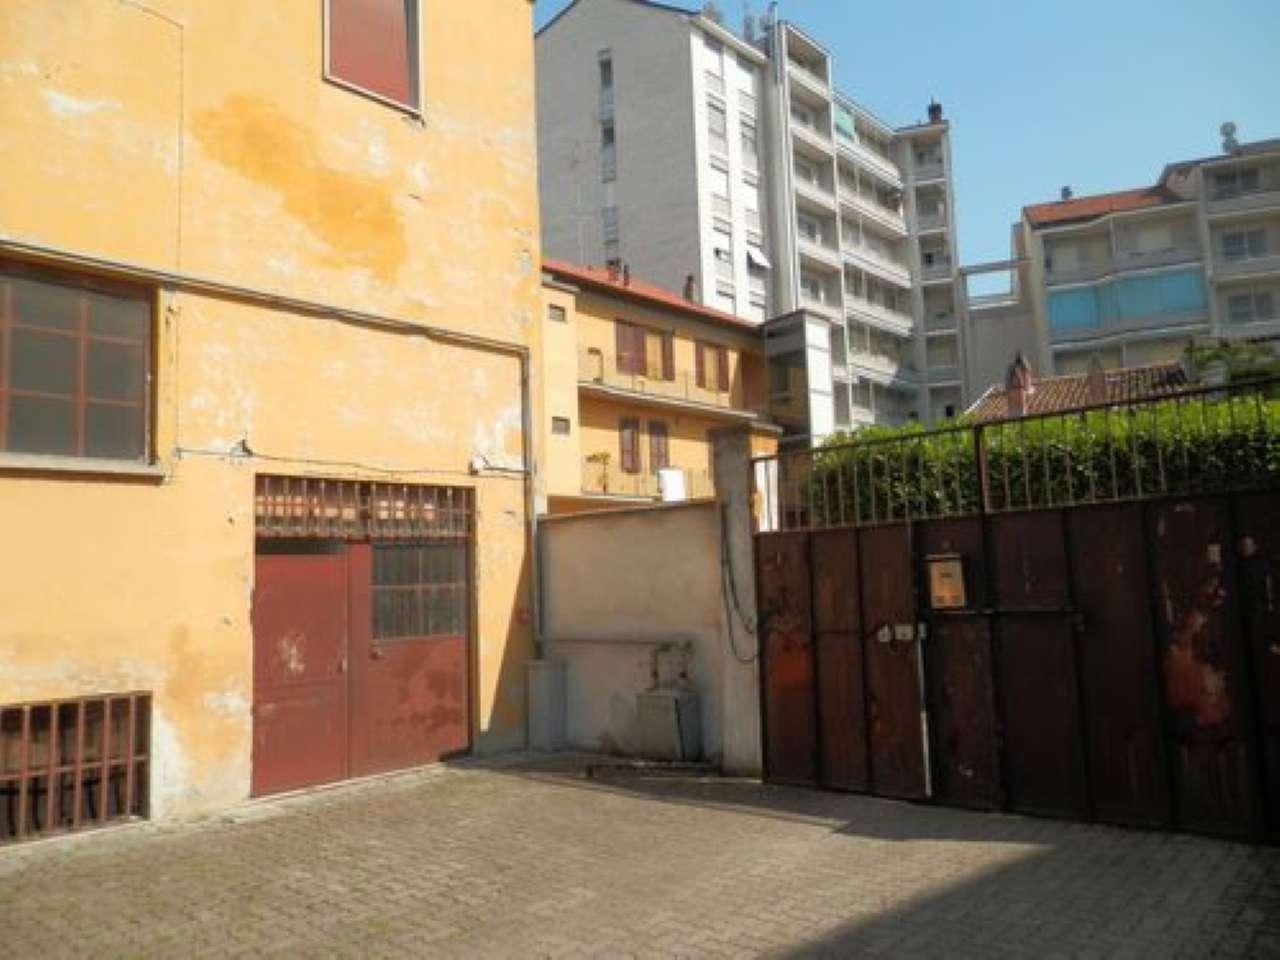 Soluzione Indipendente in vendita a Milano, 1 locali, zona Zona: 11 . Barona, Giambellino, Lorenteggio, Famagosta, Trattative riservate | CambioCasa.it